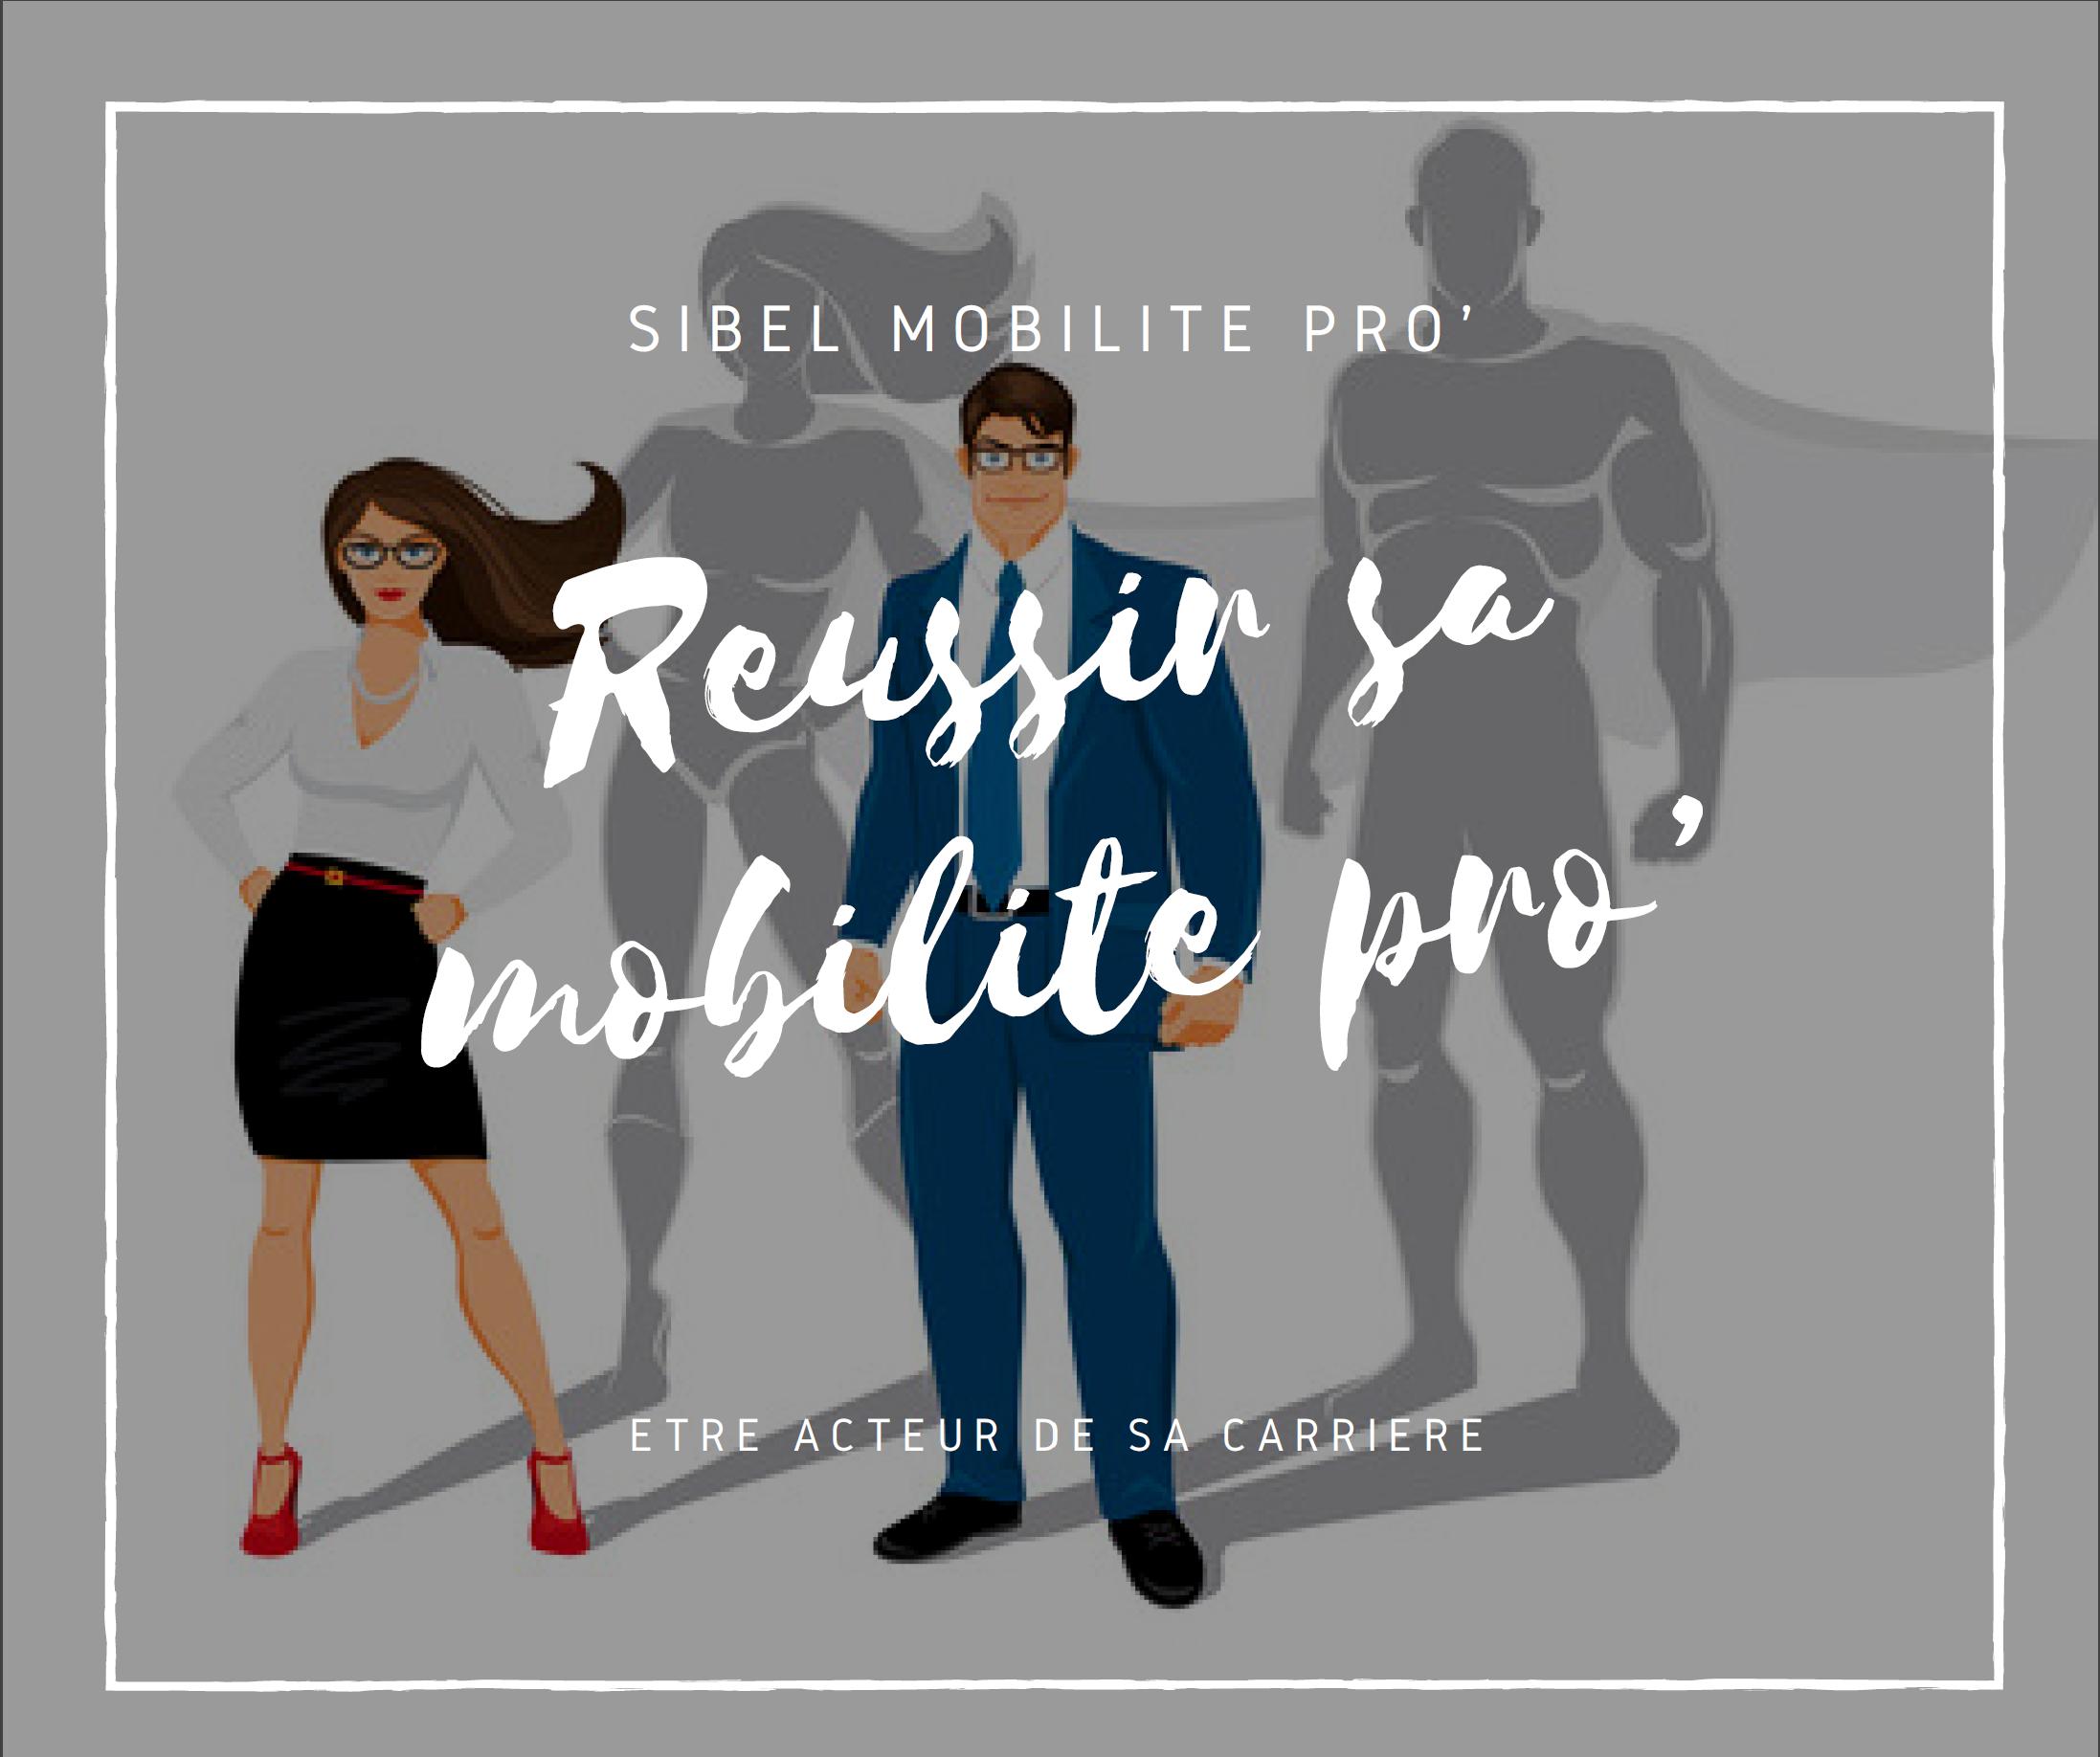 Réussir sa mobilité Professionnelle - Sibel Mobilité Pro'